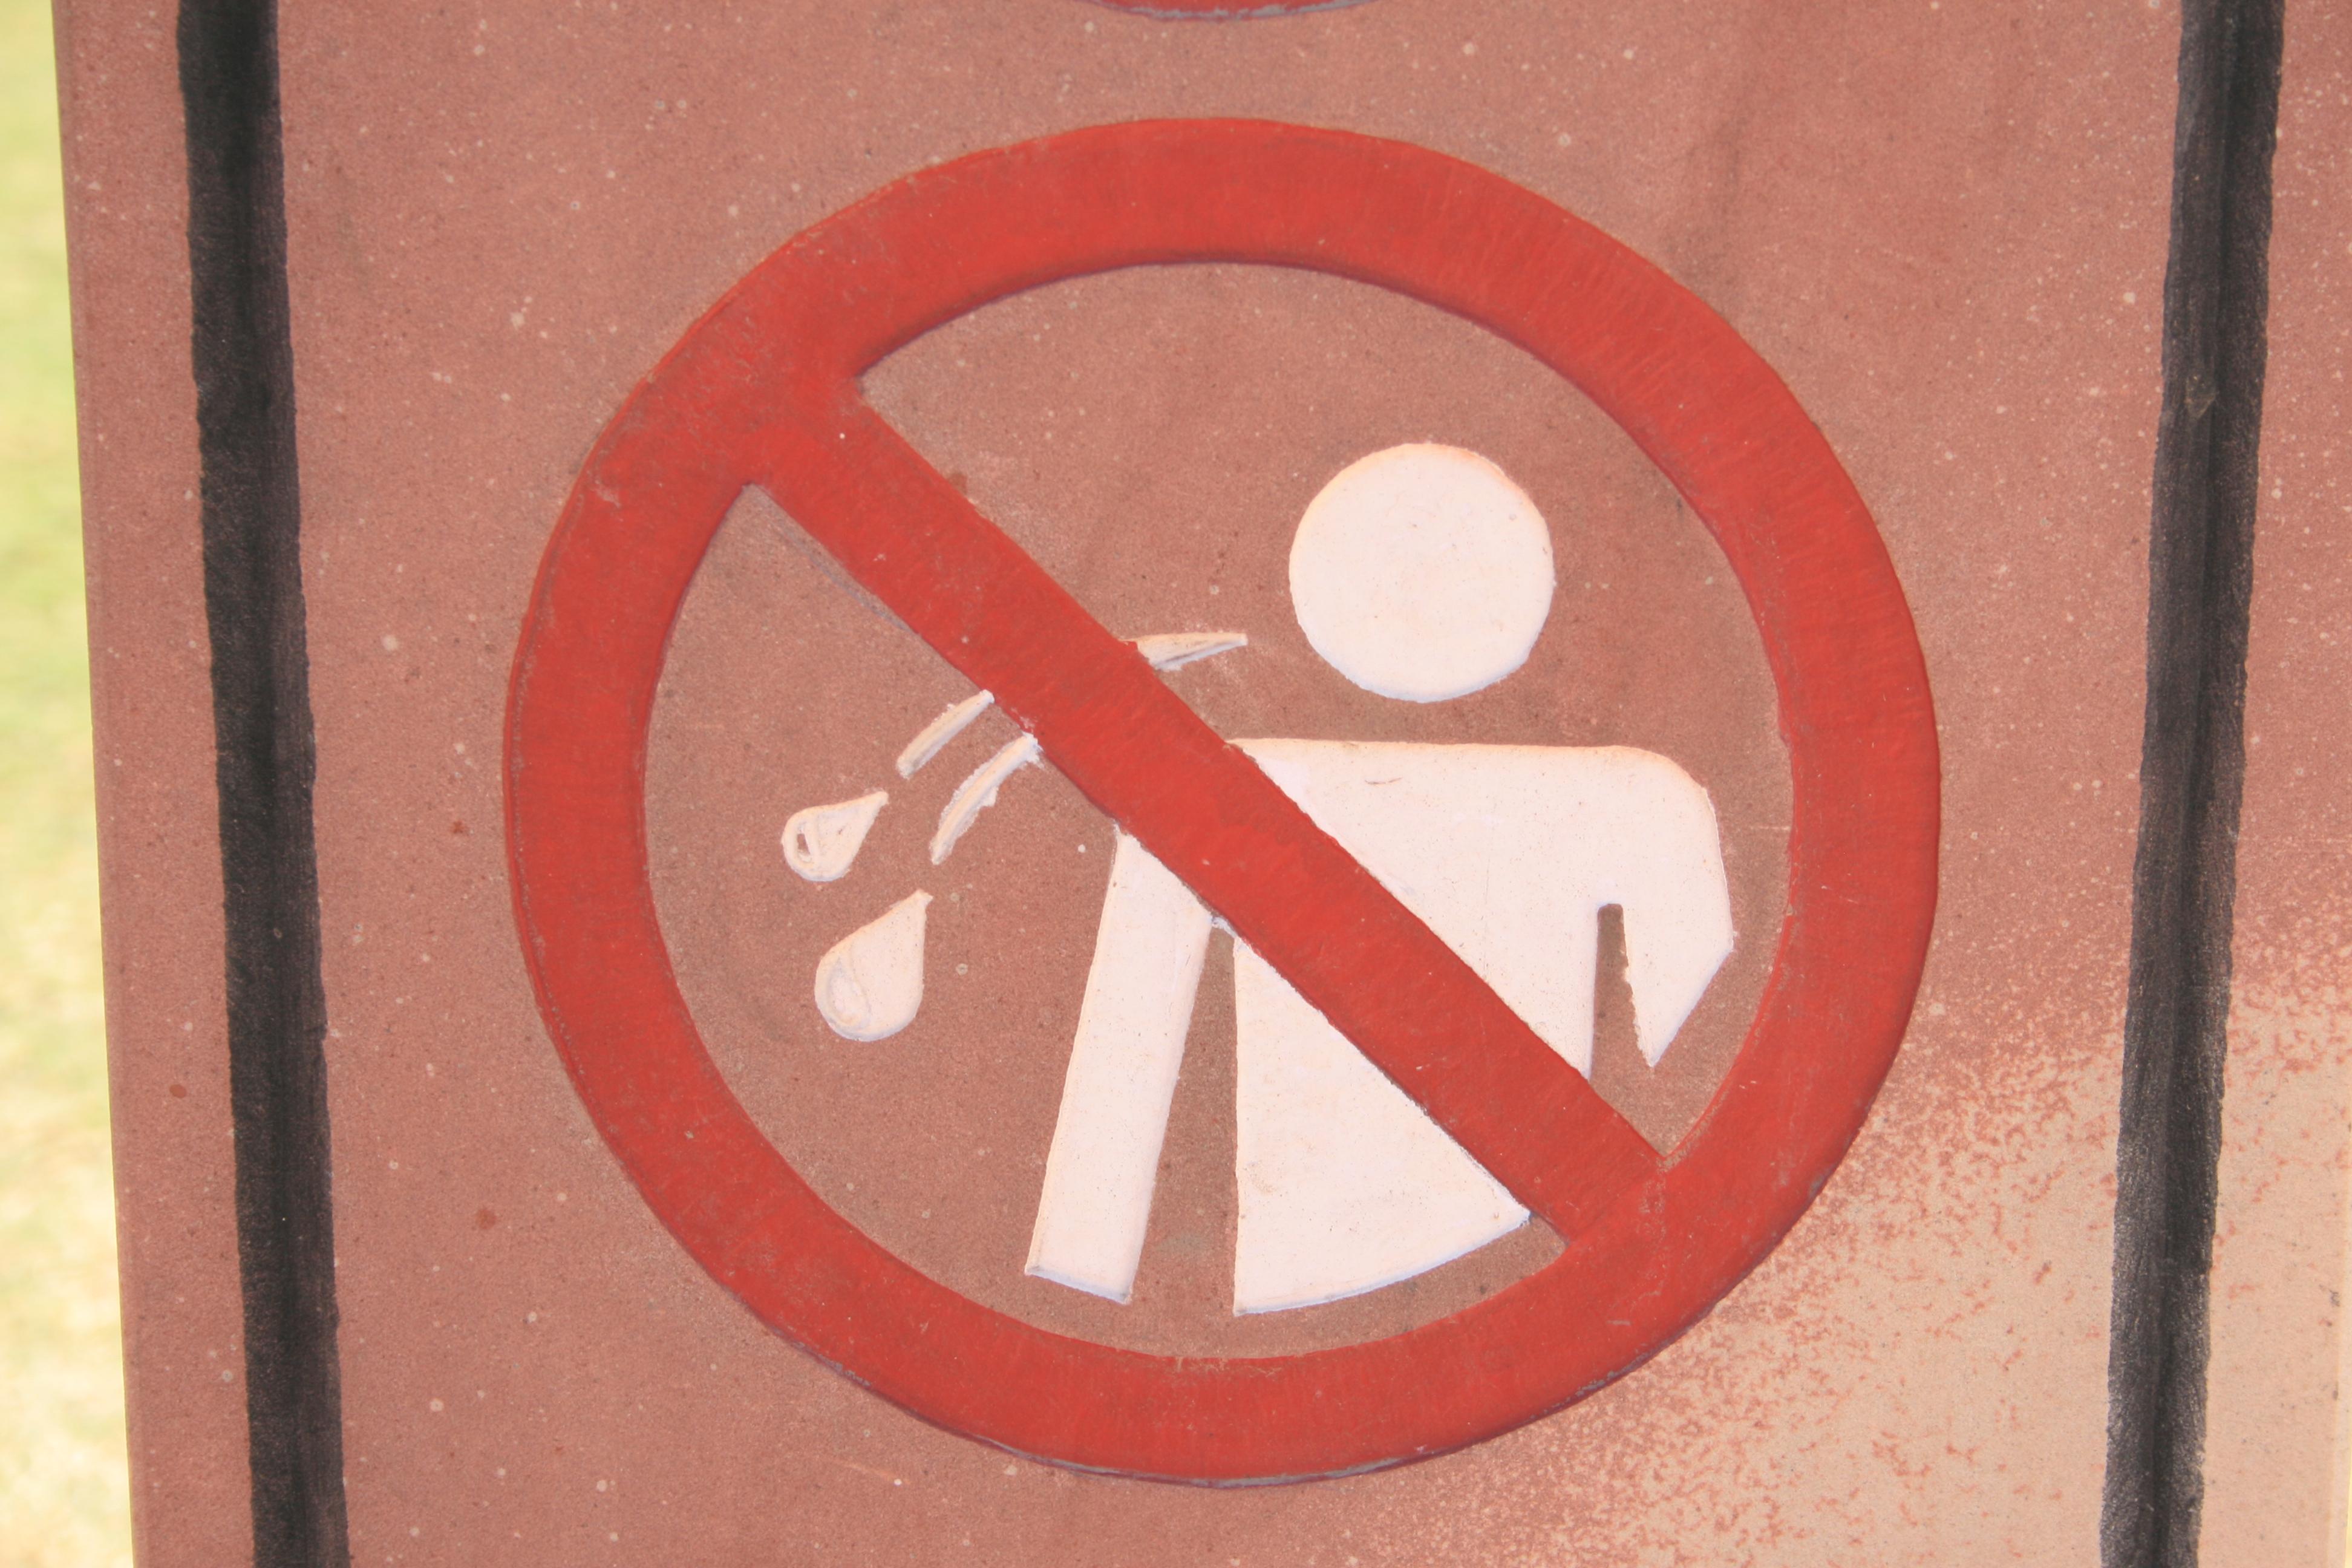 Don't spit!